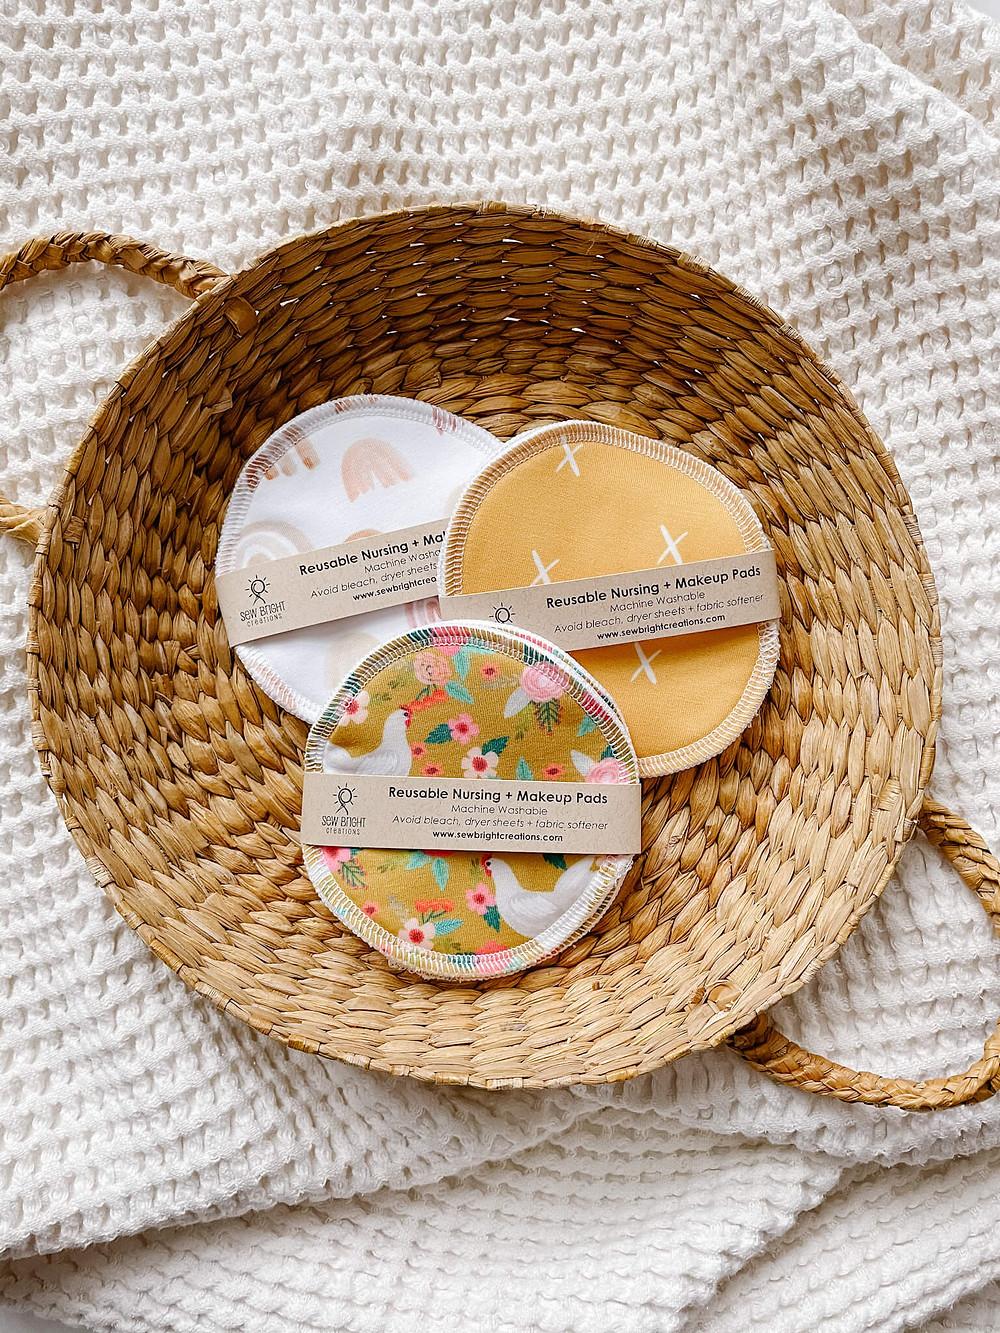 reusable nursing, nipple & makeup pads by sewbrightcreations